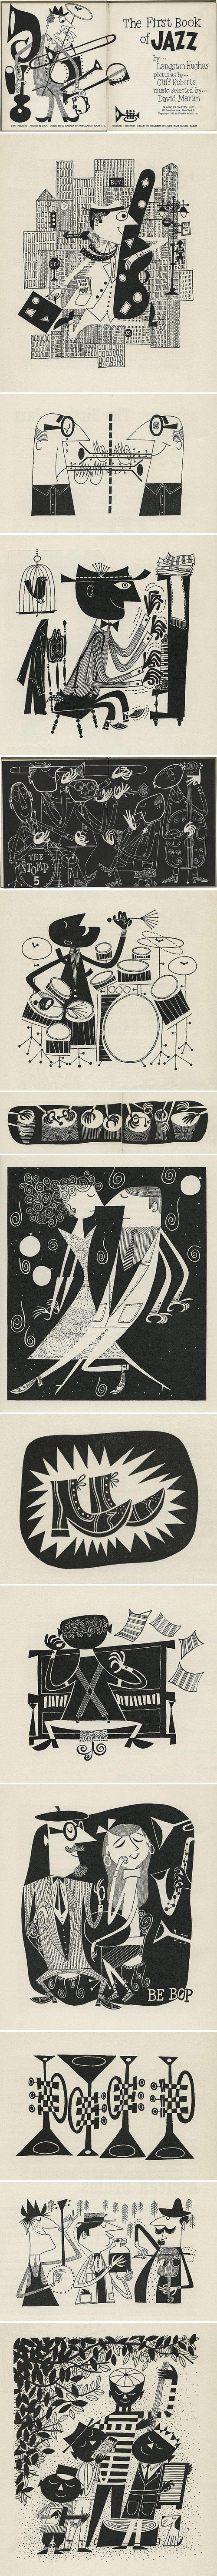 """Book: Ilustraciones por Cliff Roberts de """"El primer libro de Jazz"""" de Langston Hughes, 1955"""